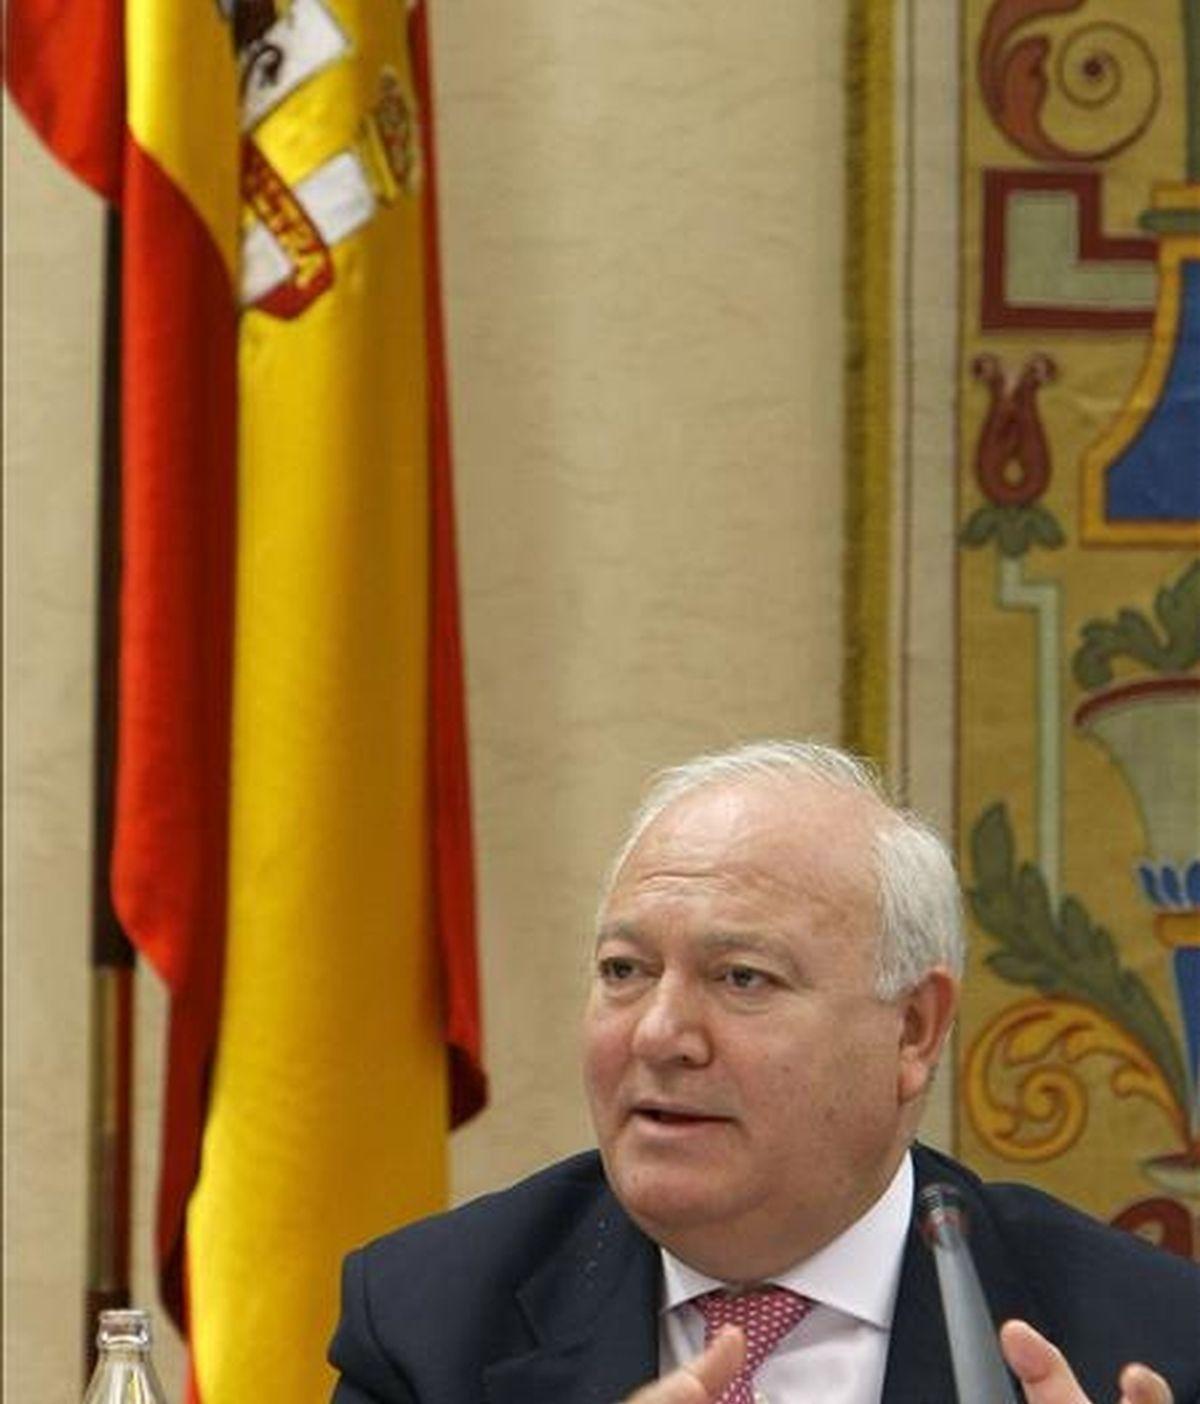 El ministro de Exteriores, Miguel Ángel Moratinos, durante una comparecencia en el Congreso. EFE/Archivo